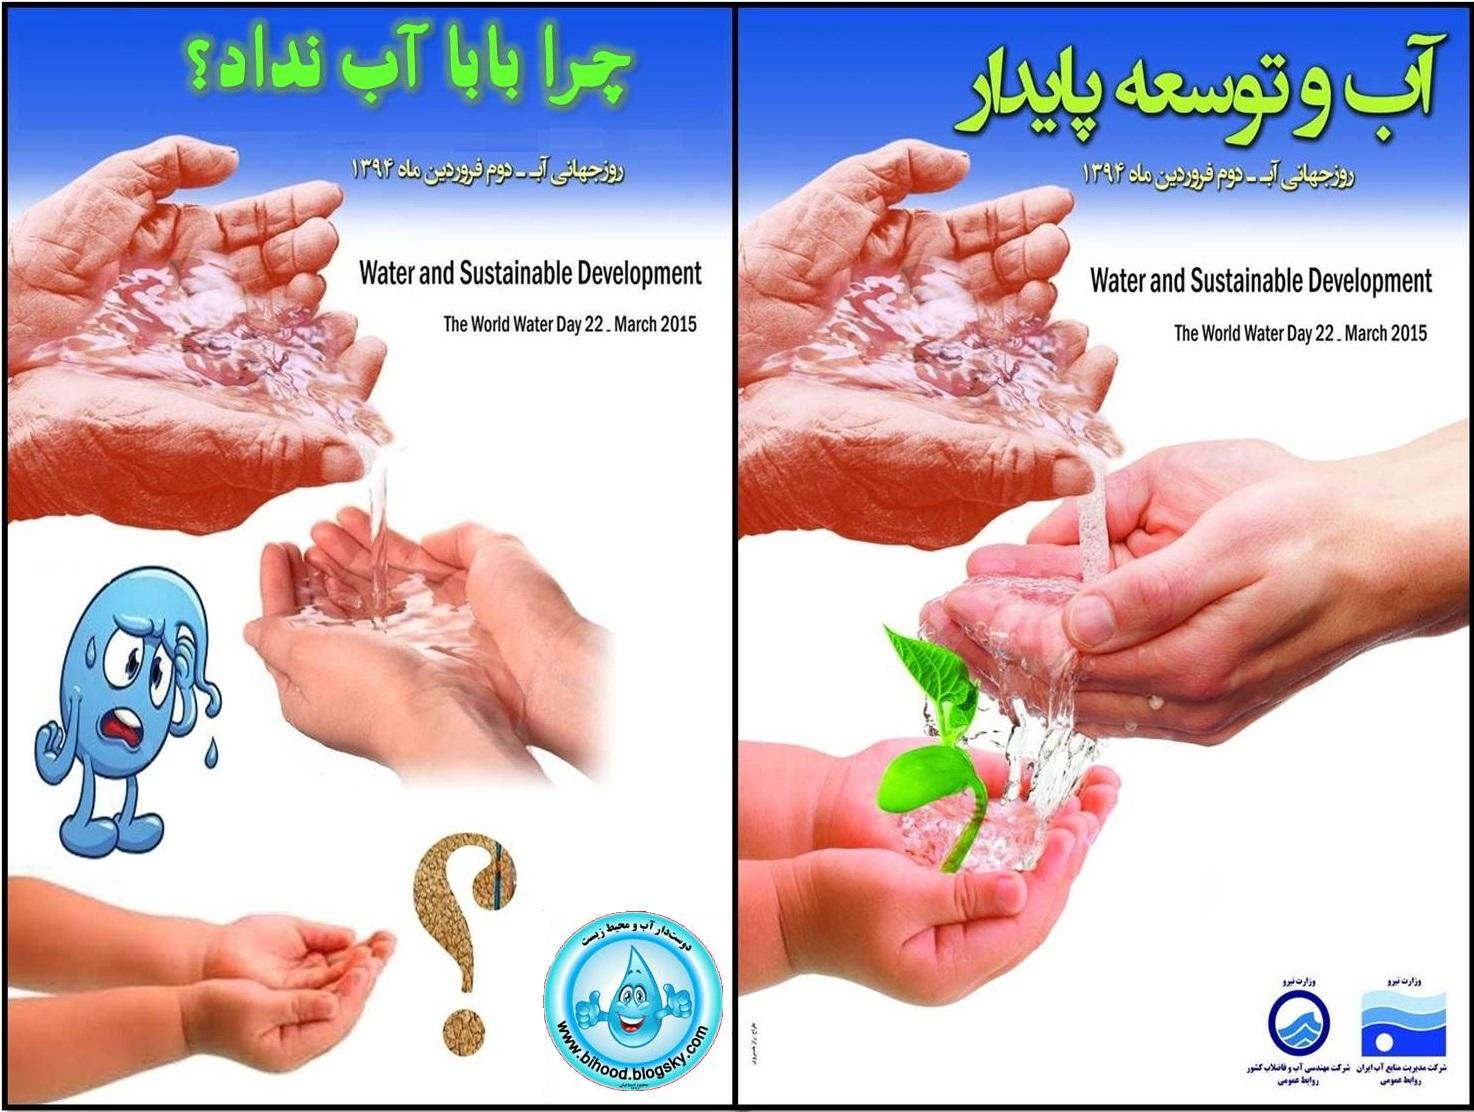 نتیجه تصویری برای پوستر روز جهانی محیط زیست